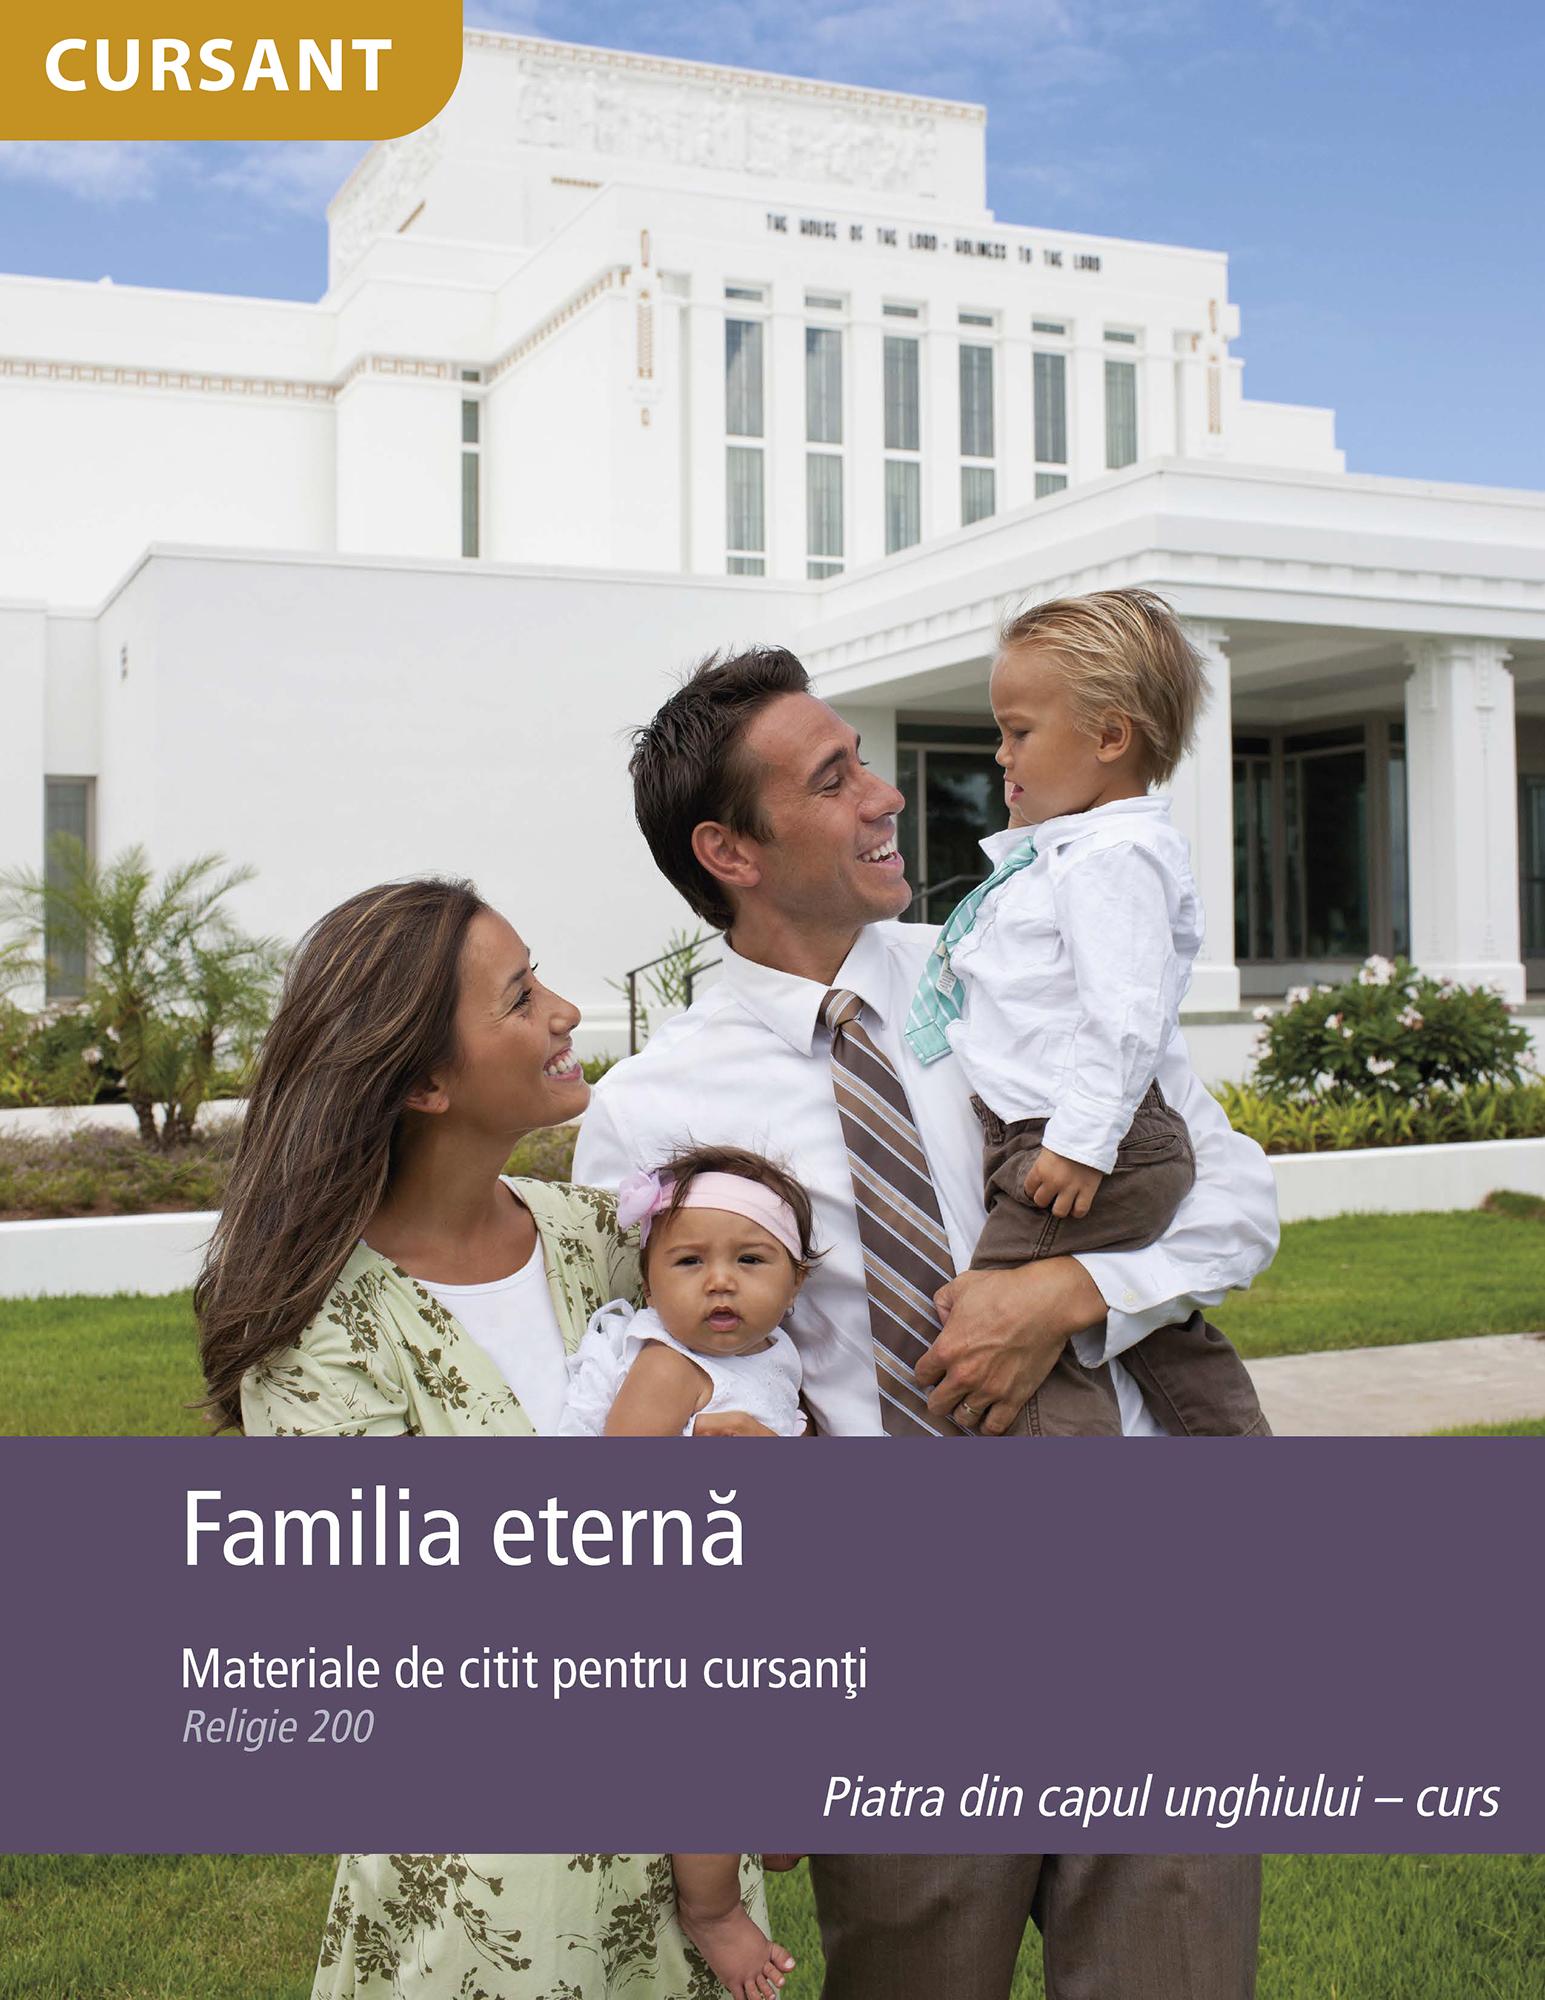 Familia eternă – materiale de citit pentru cursanţi (Rel 200)